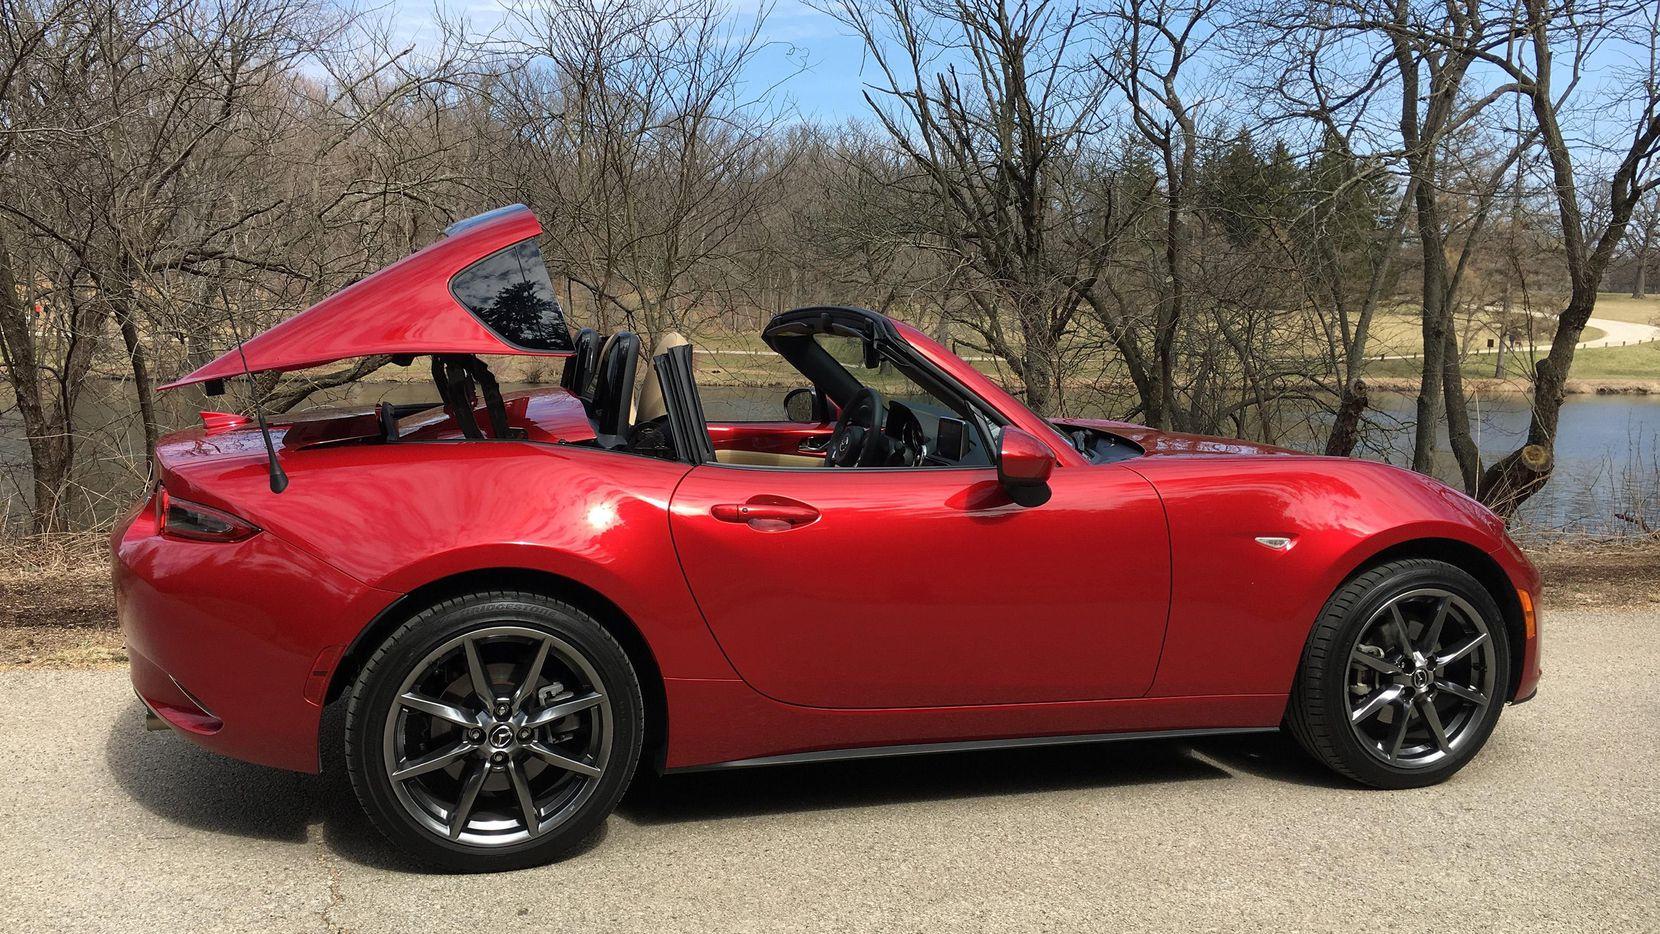 El MX-5 Miata, el roadster más vendido en el mundo, ha evolucionado a ser un coche de dos asientos sexy, convertible y uno que muchos concuerdan podría ser uno de los autos más divertidos en producción. (TNS/ROBERT DUFFER)